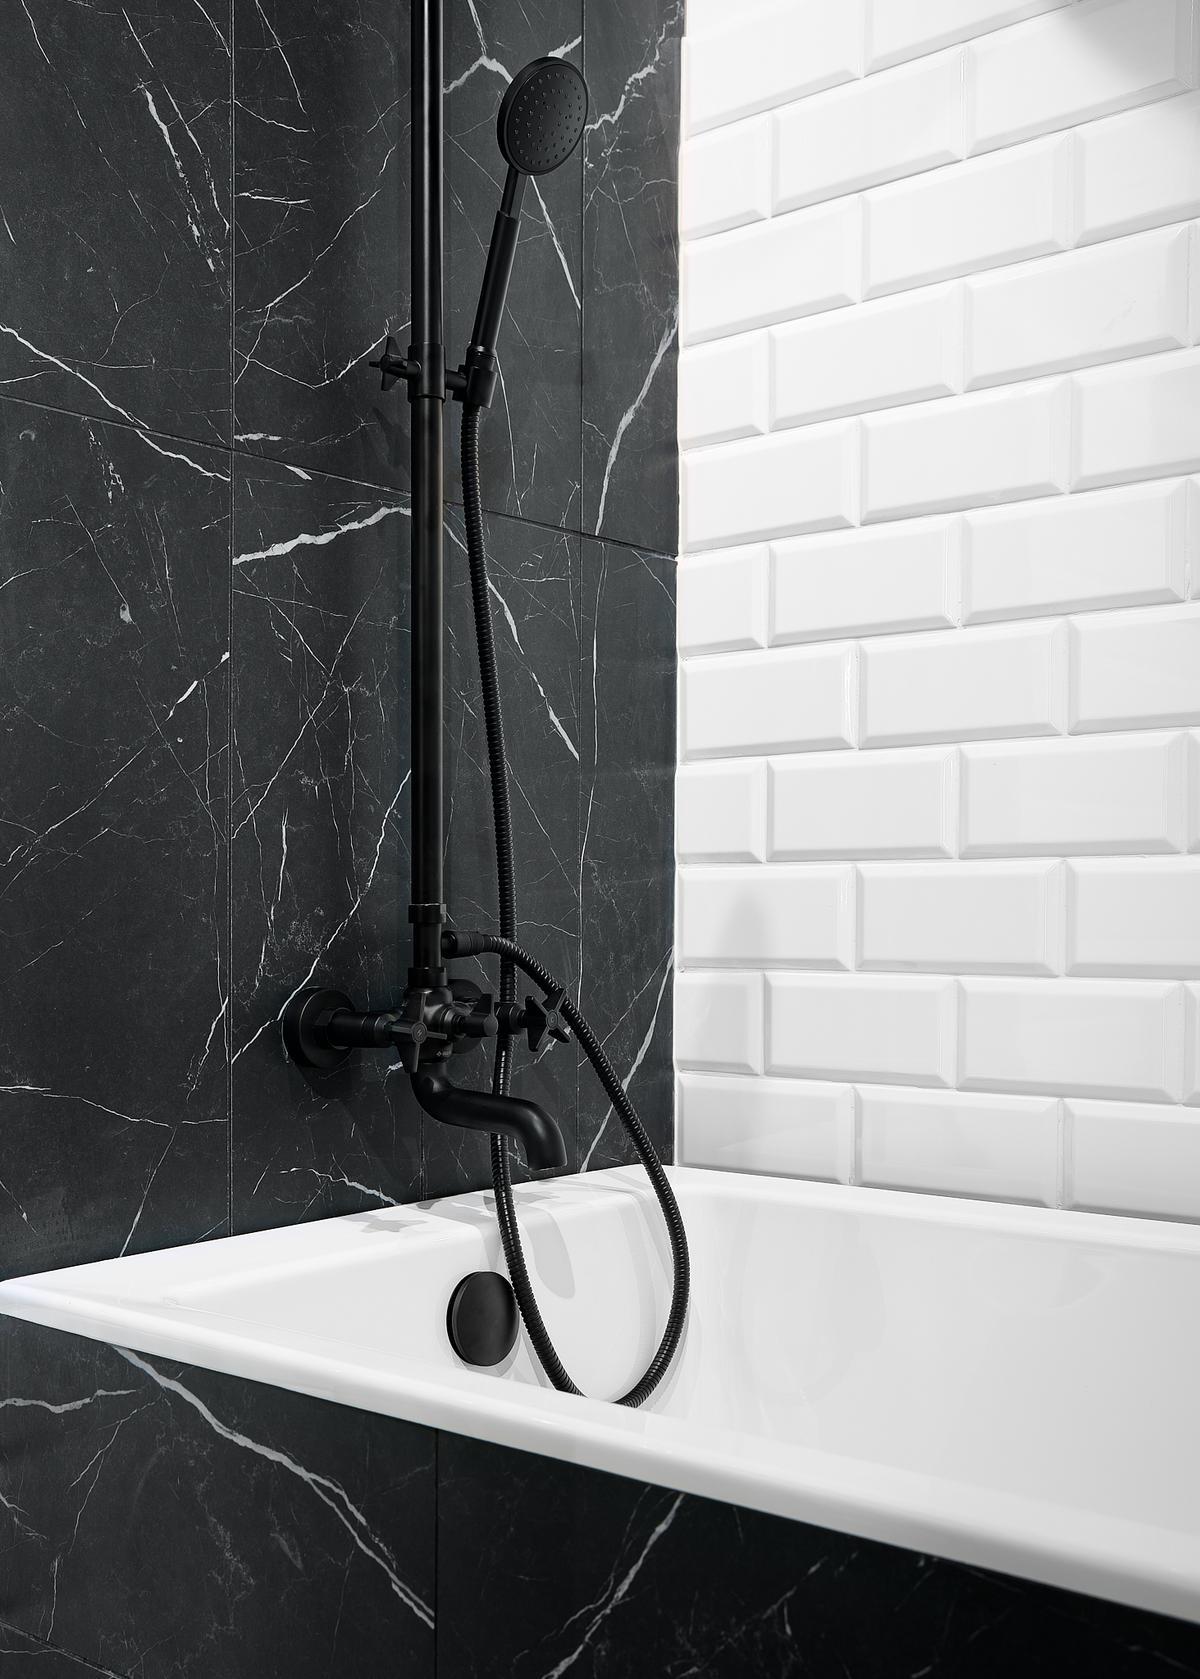 Czerń kamiennych płytek i biel kafelków Paradyż Tamoe w łazience - zdjęcie od BLU salon łazienek Elbląg